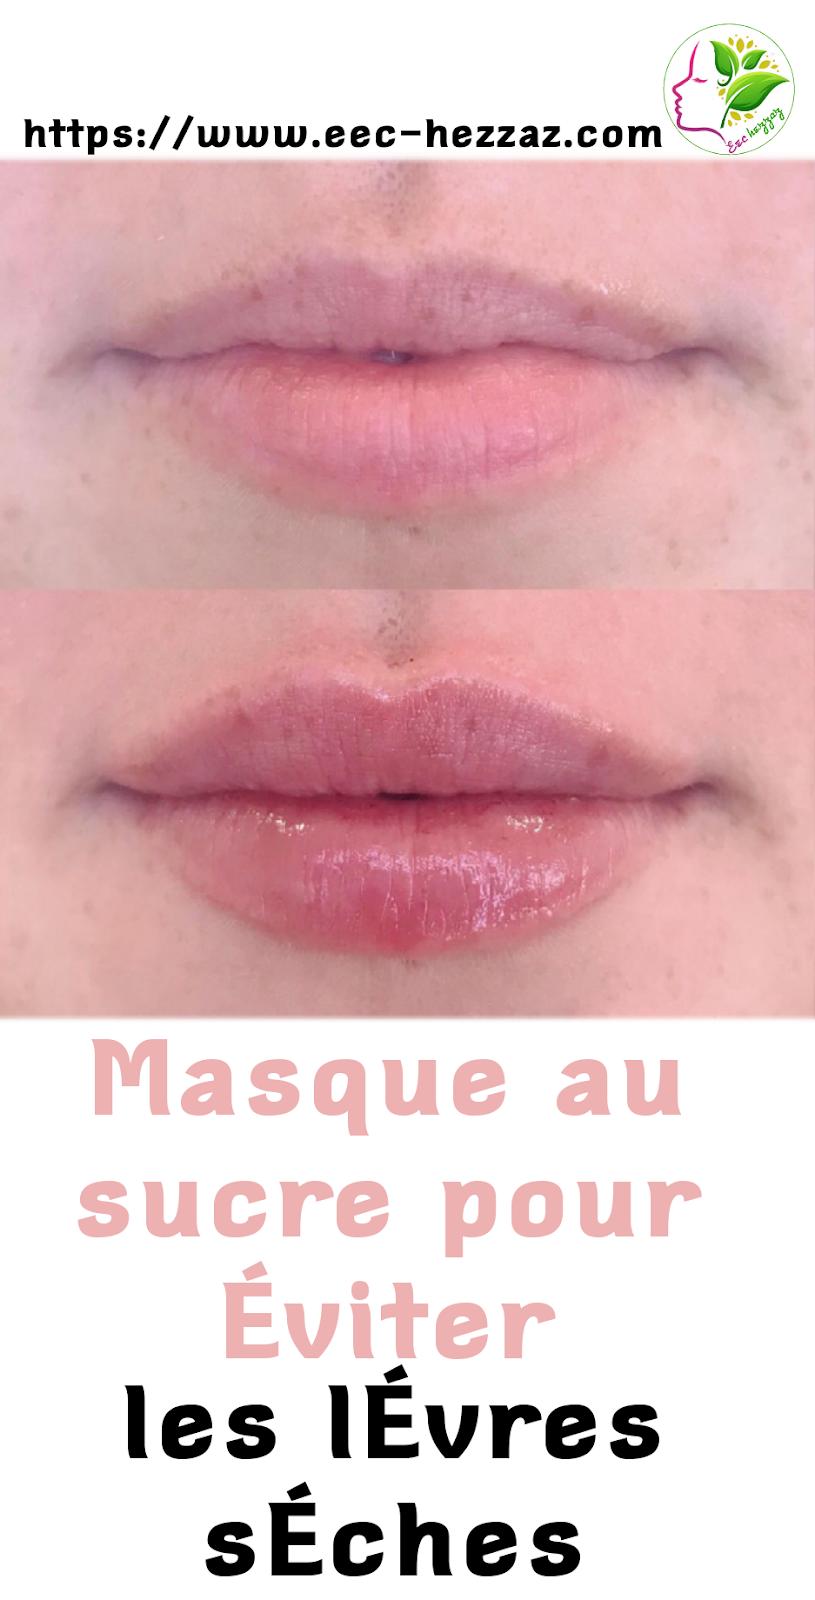 Masque au sucre pour éviter les lèvres sèches